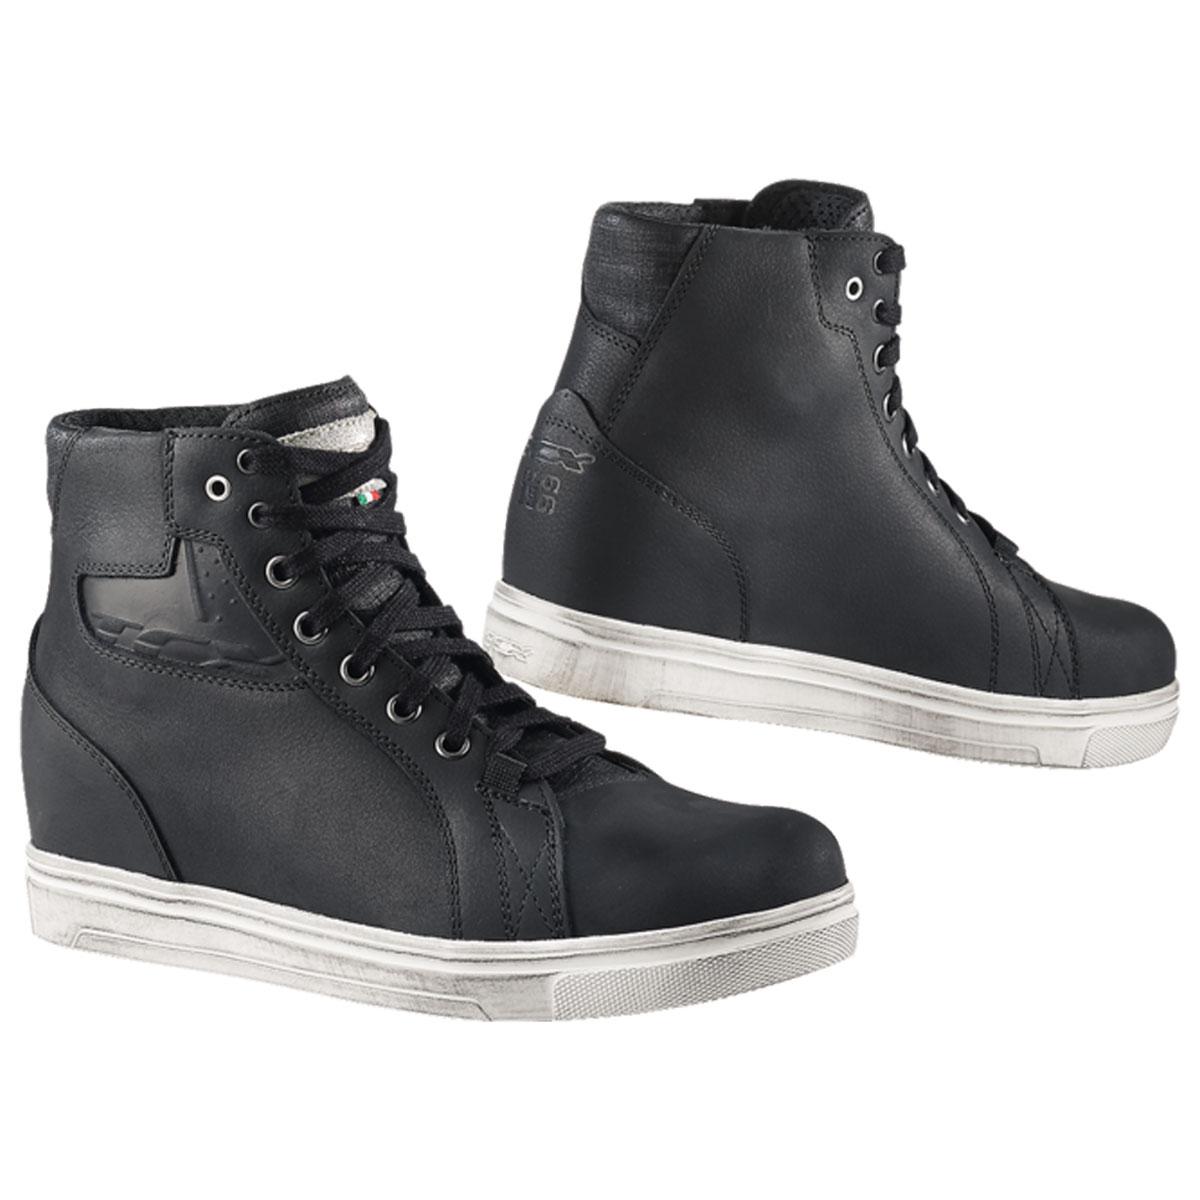 TCX Women's Street Ace Waterproof Black Shoes